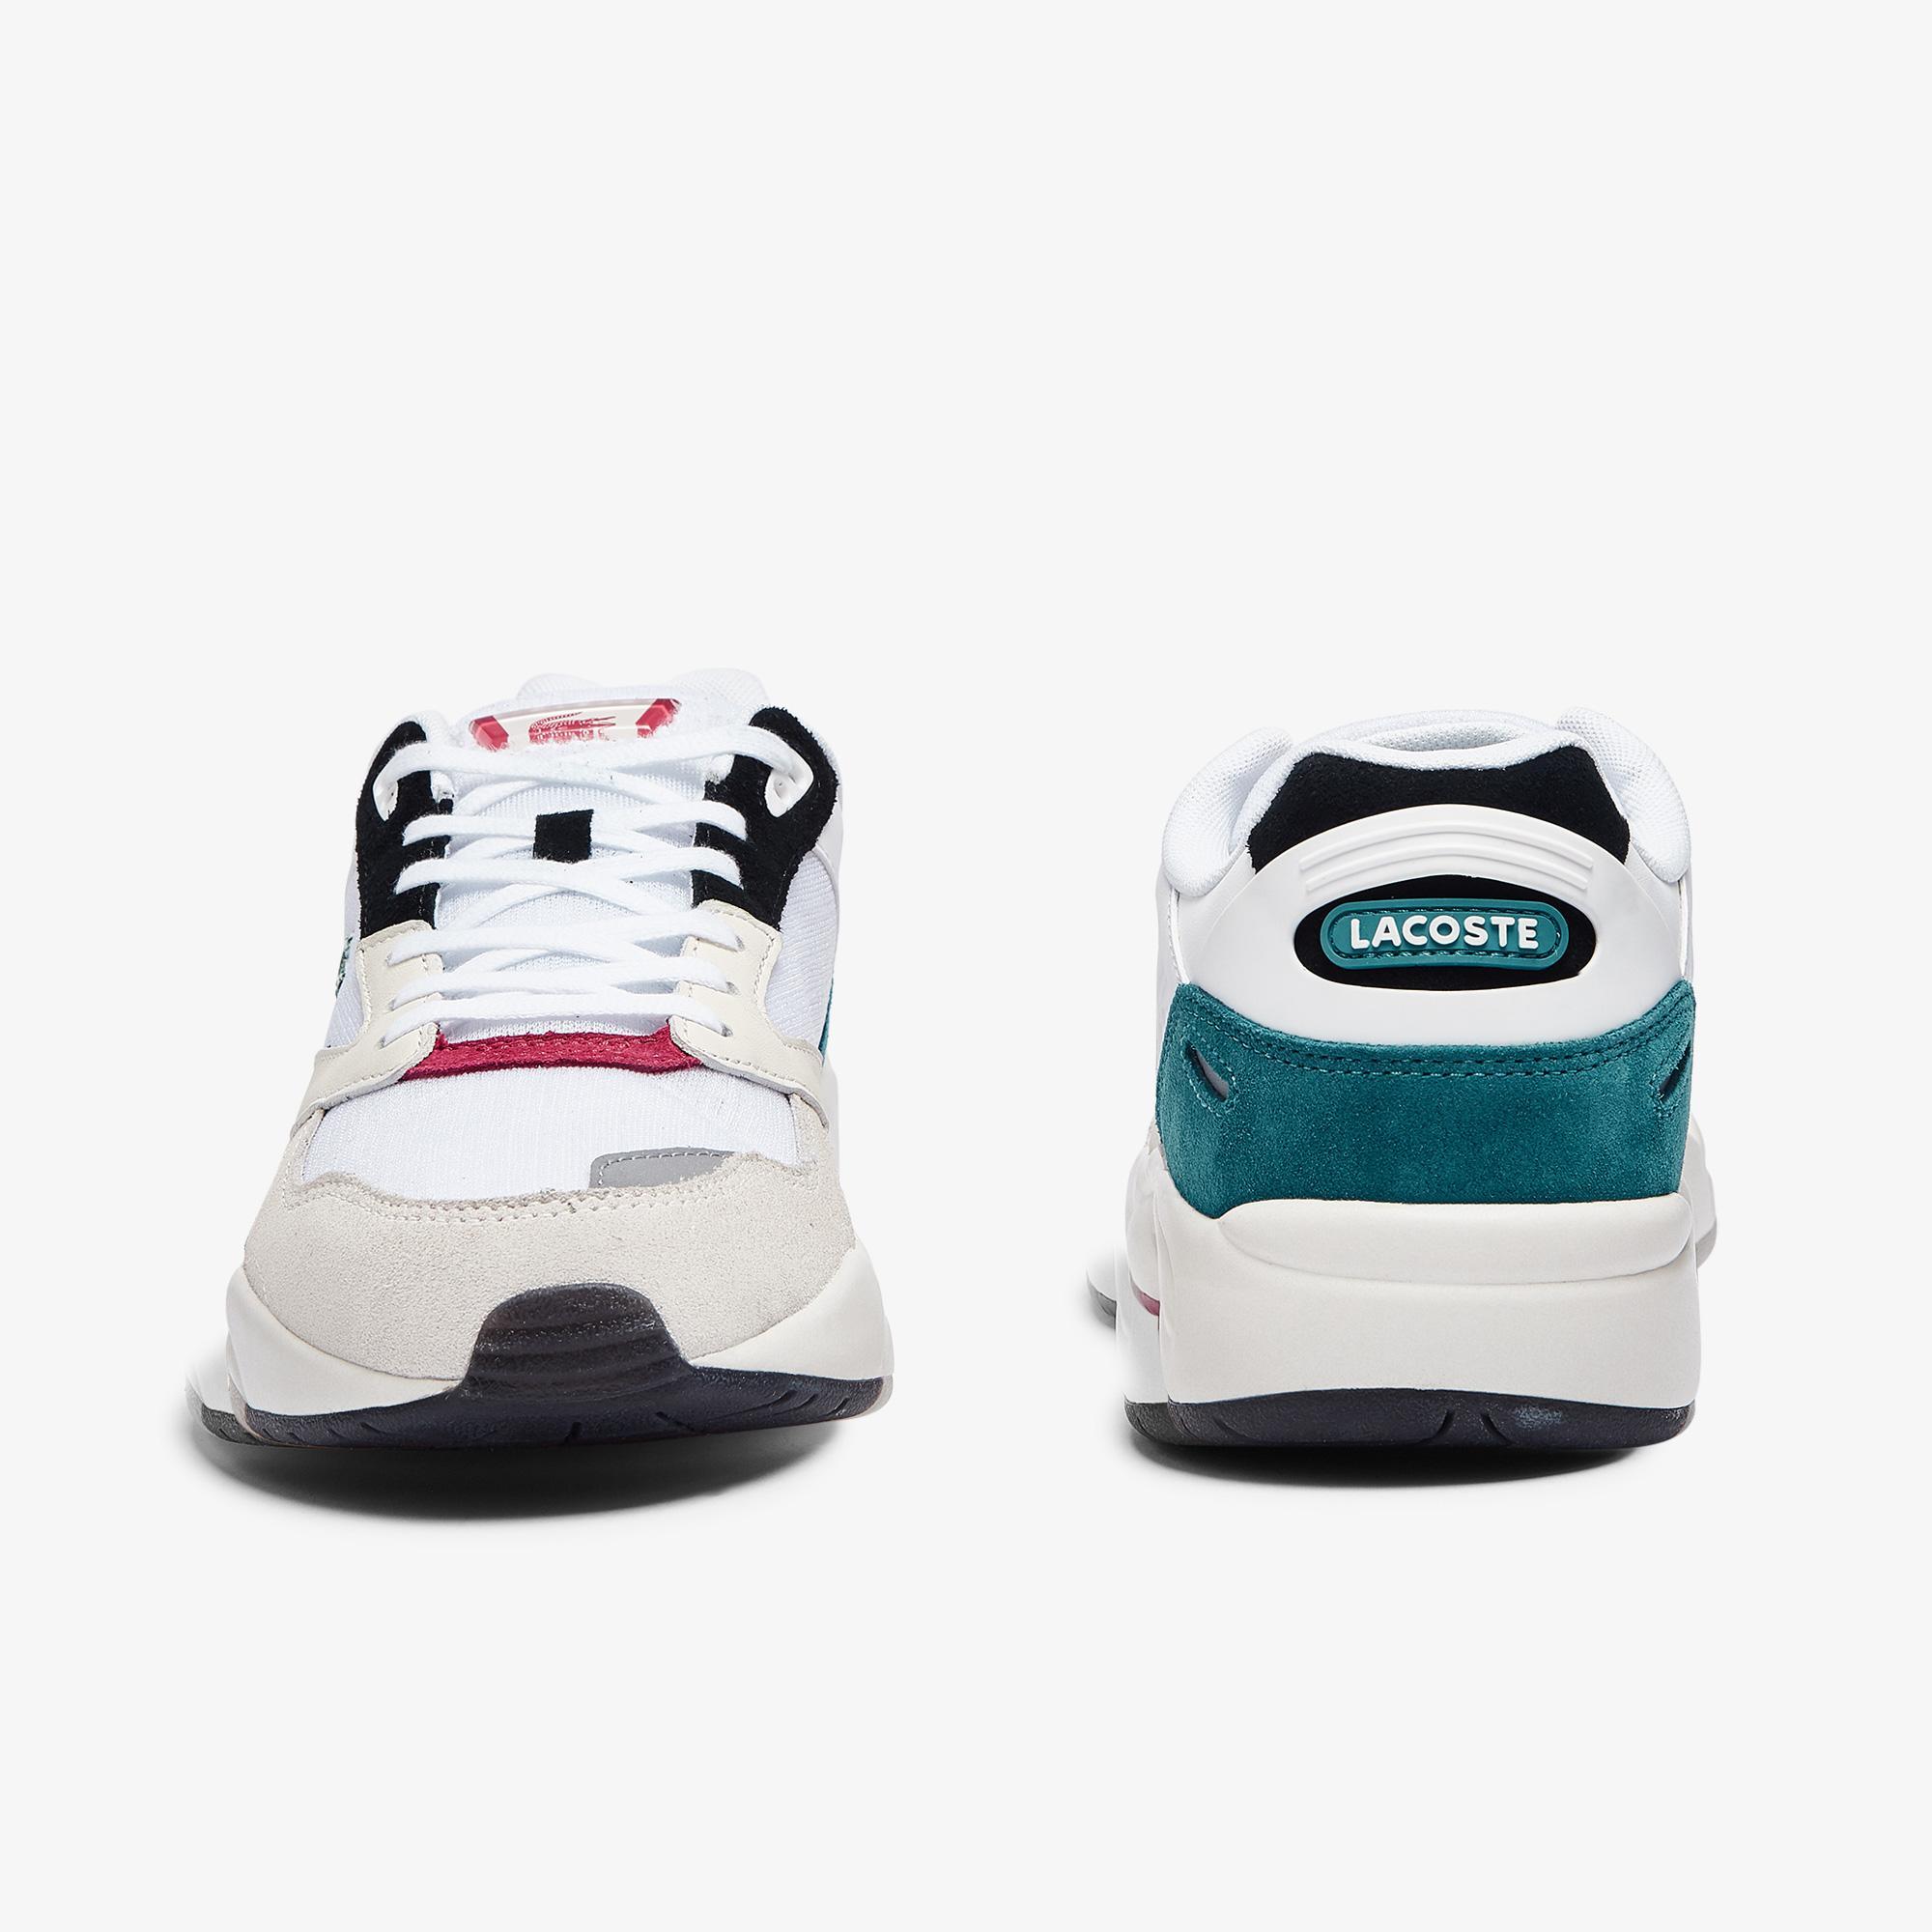 Lacoste Storm 96 Lo 0921 1 Sma Erkek Beyaz - Turkuaz Sneaker